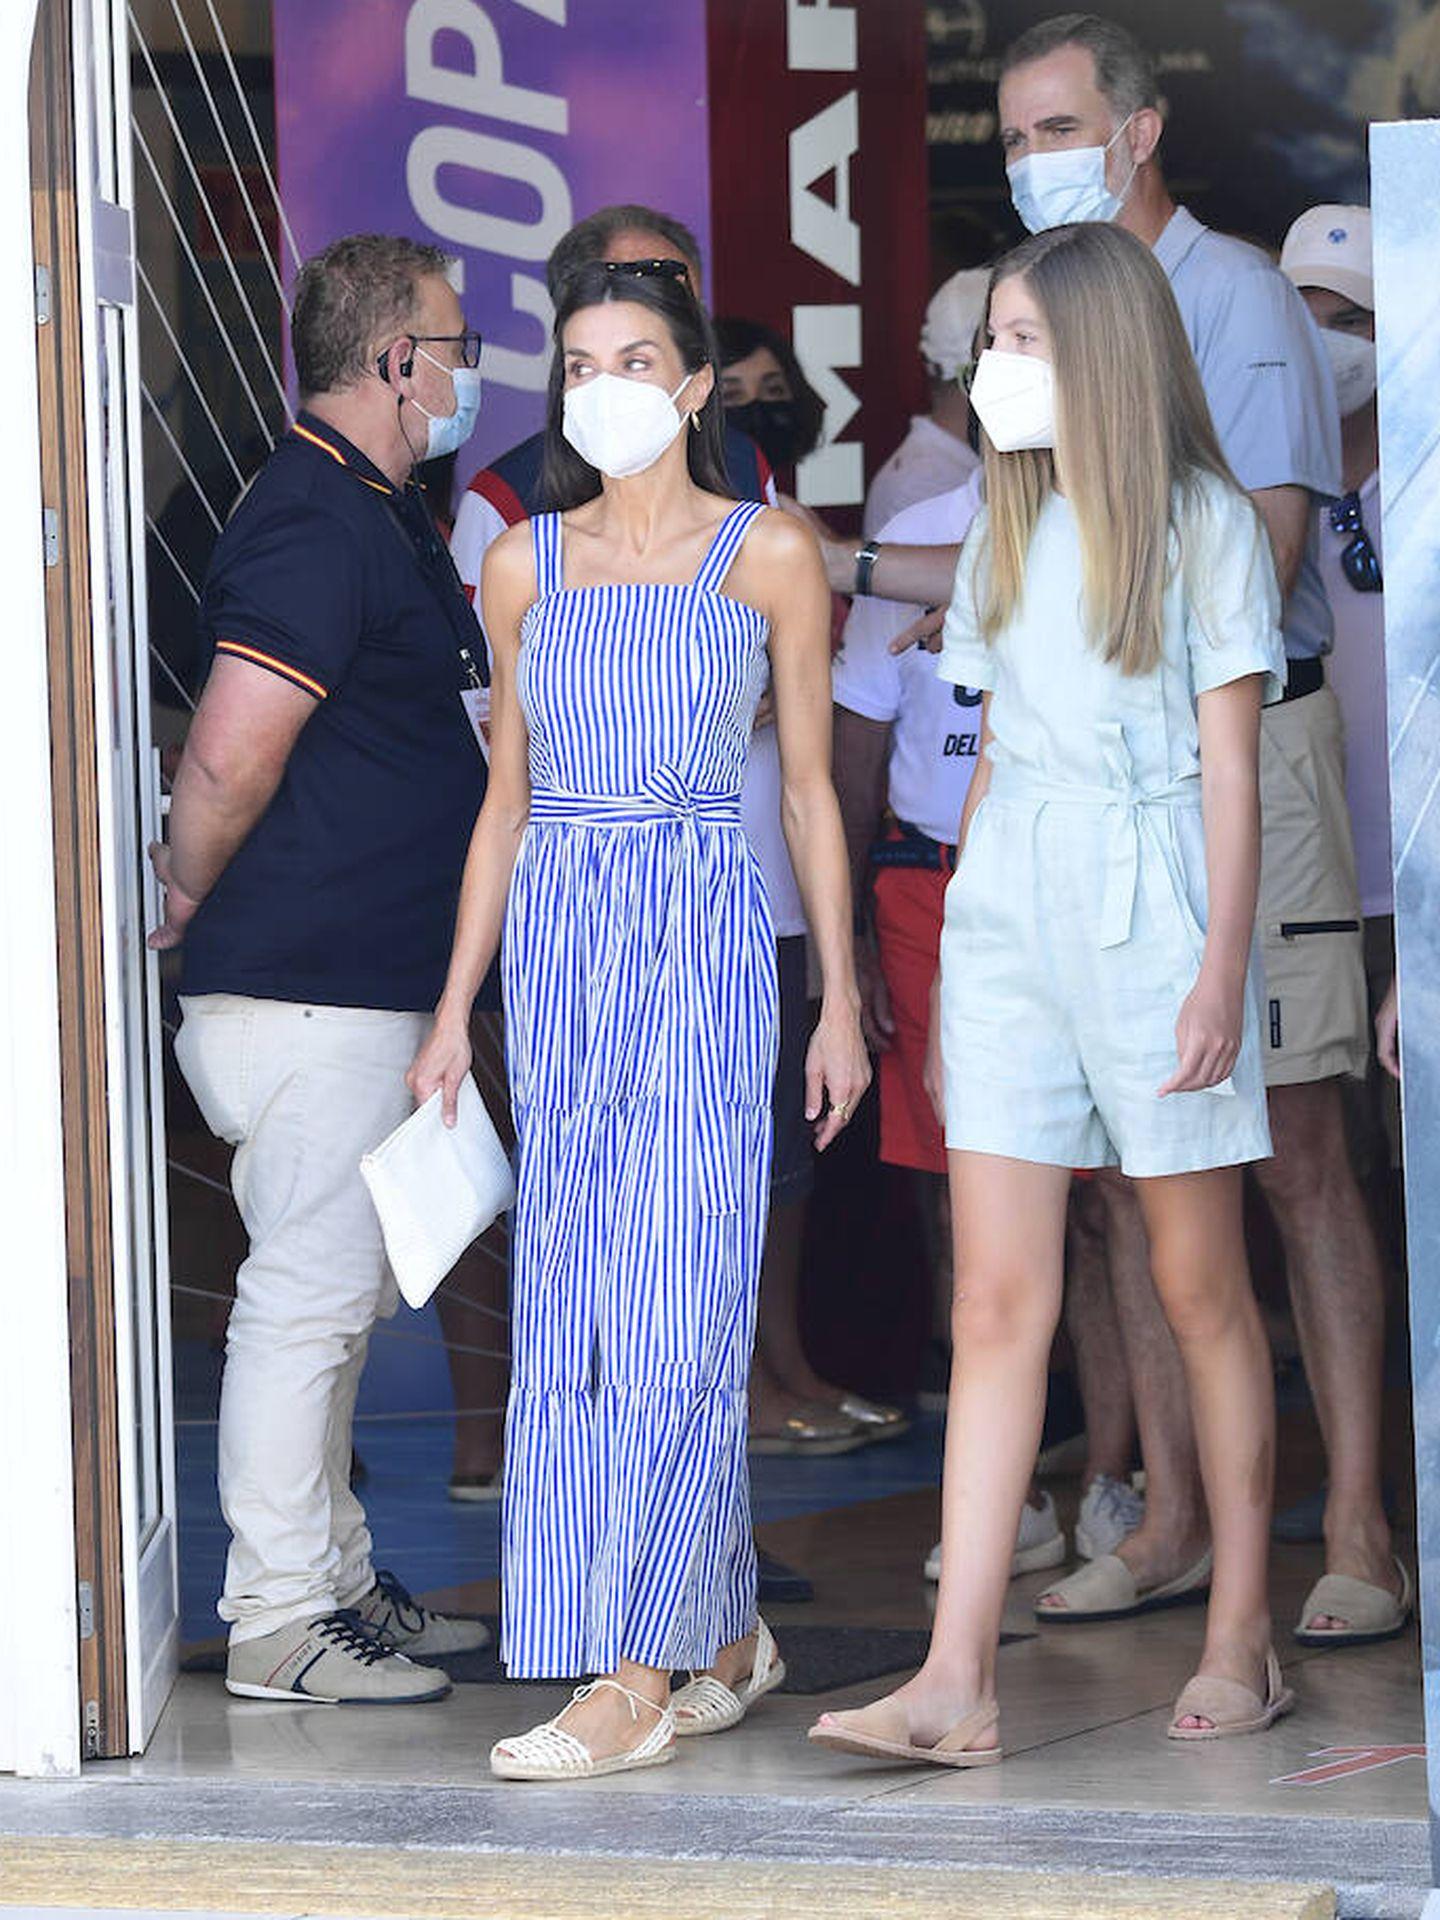 La reina con su bolso de mano blanco y vestido estilo marinero. (Limited Pictures)